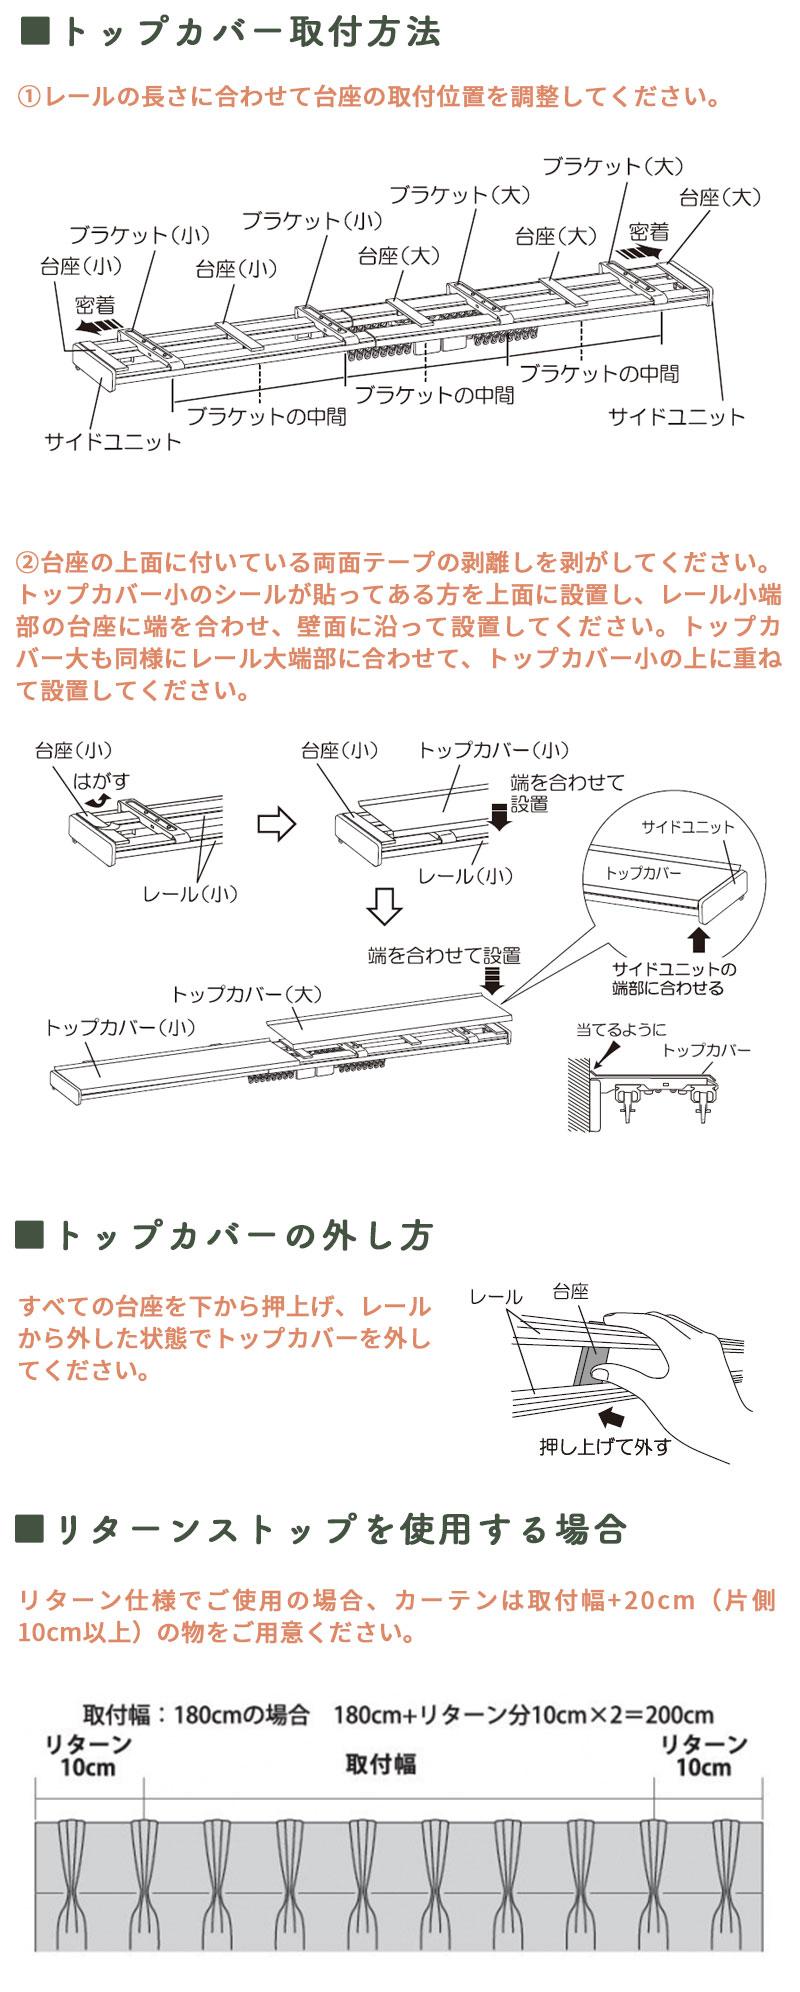 トップカバー付き伸縮カーテンレール グレンディアス 取付方法01